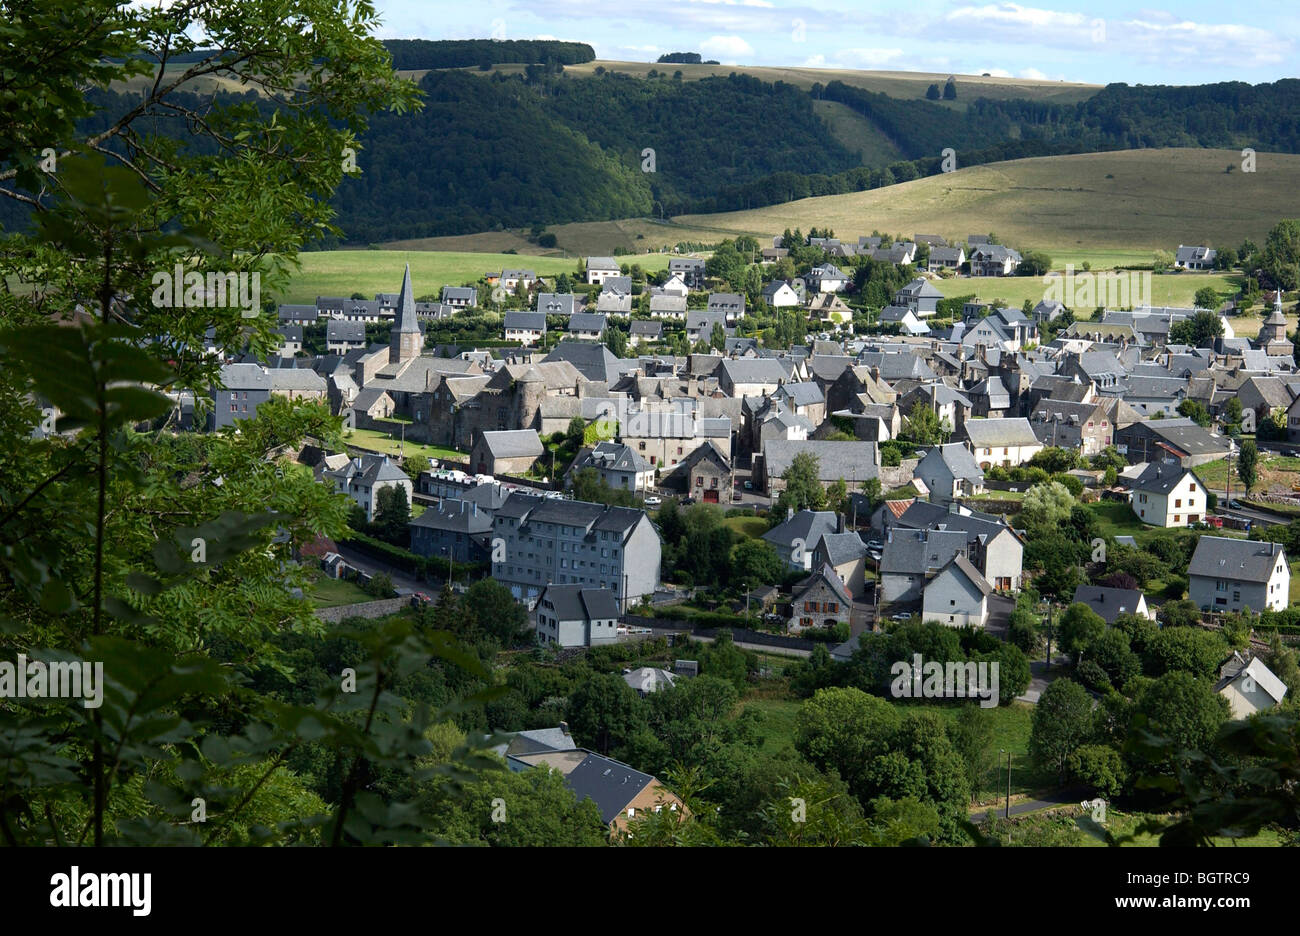 Village of besse en chandesse auvergne france stock - Office du tourisme besse en chandesse ...